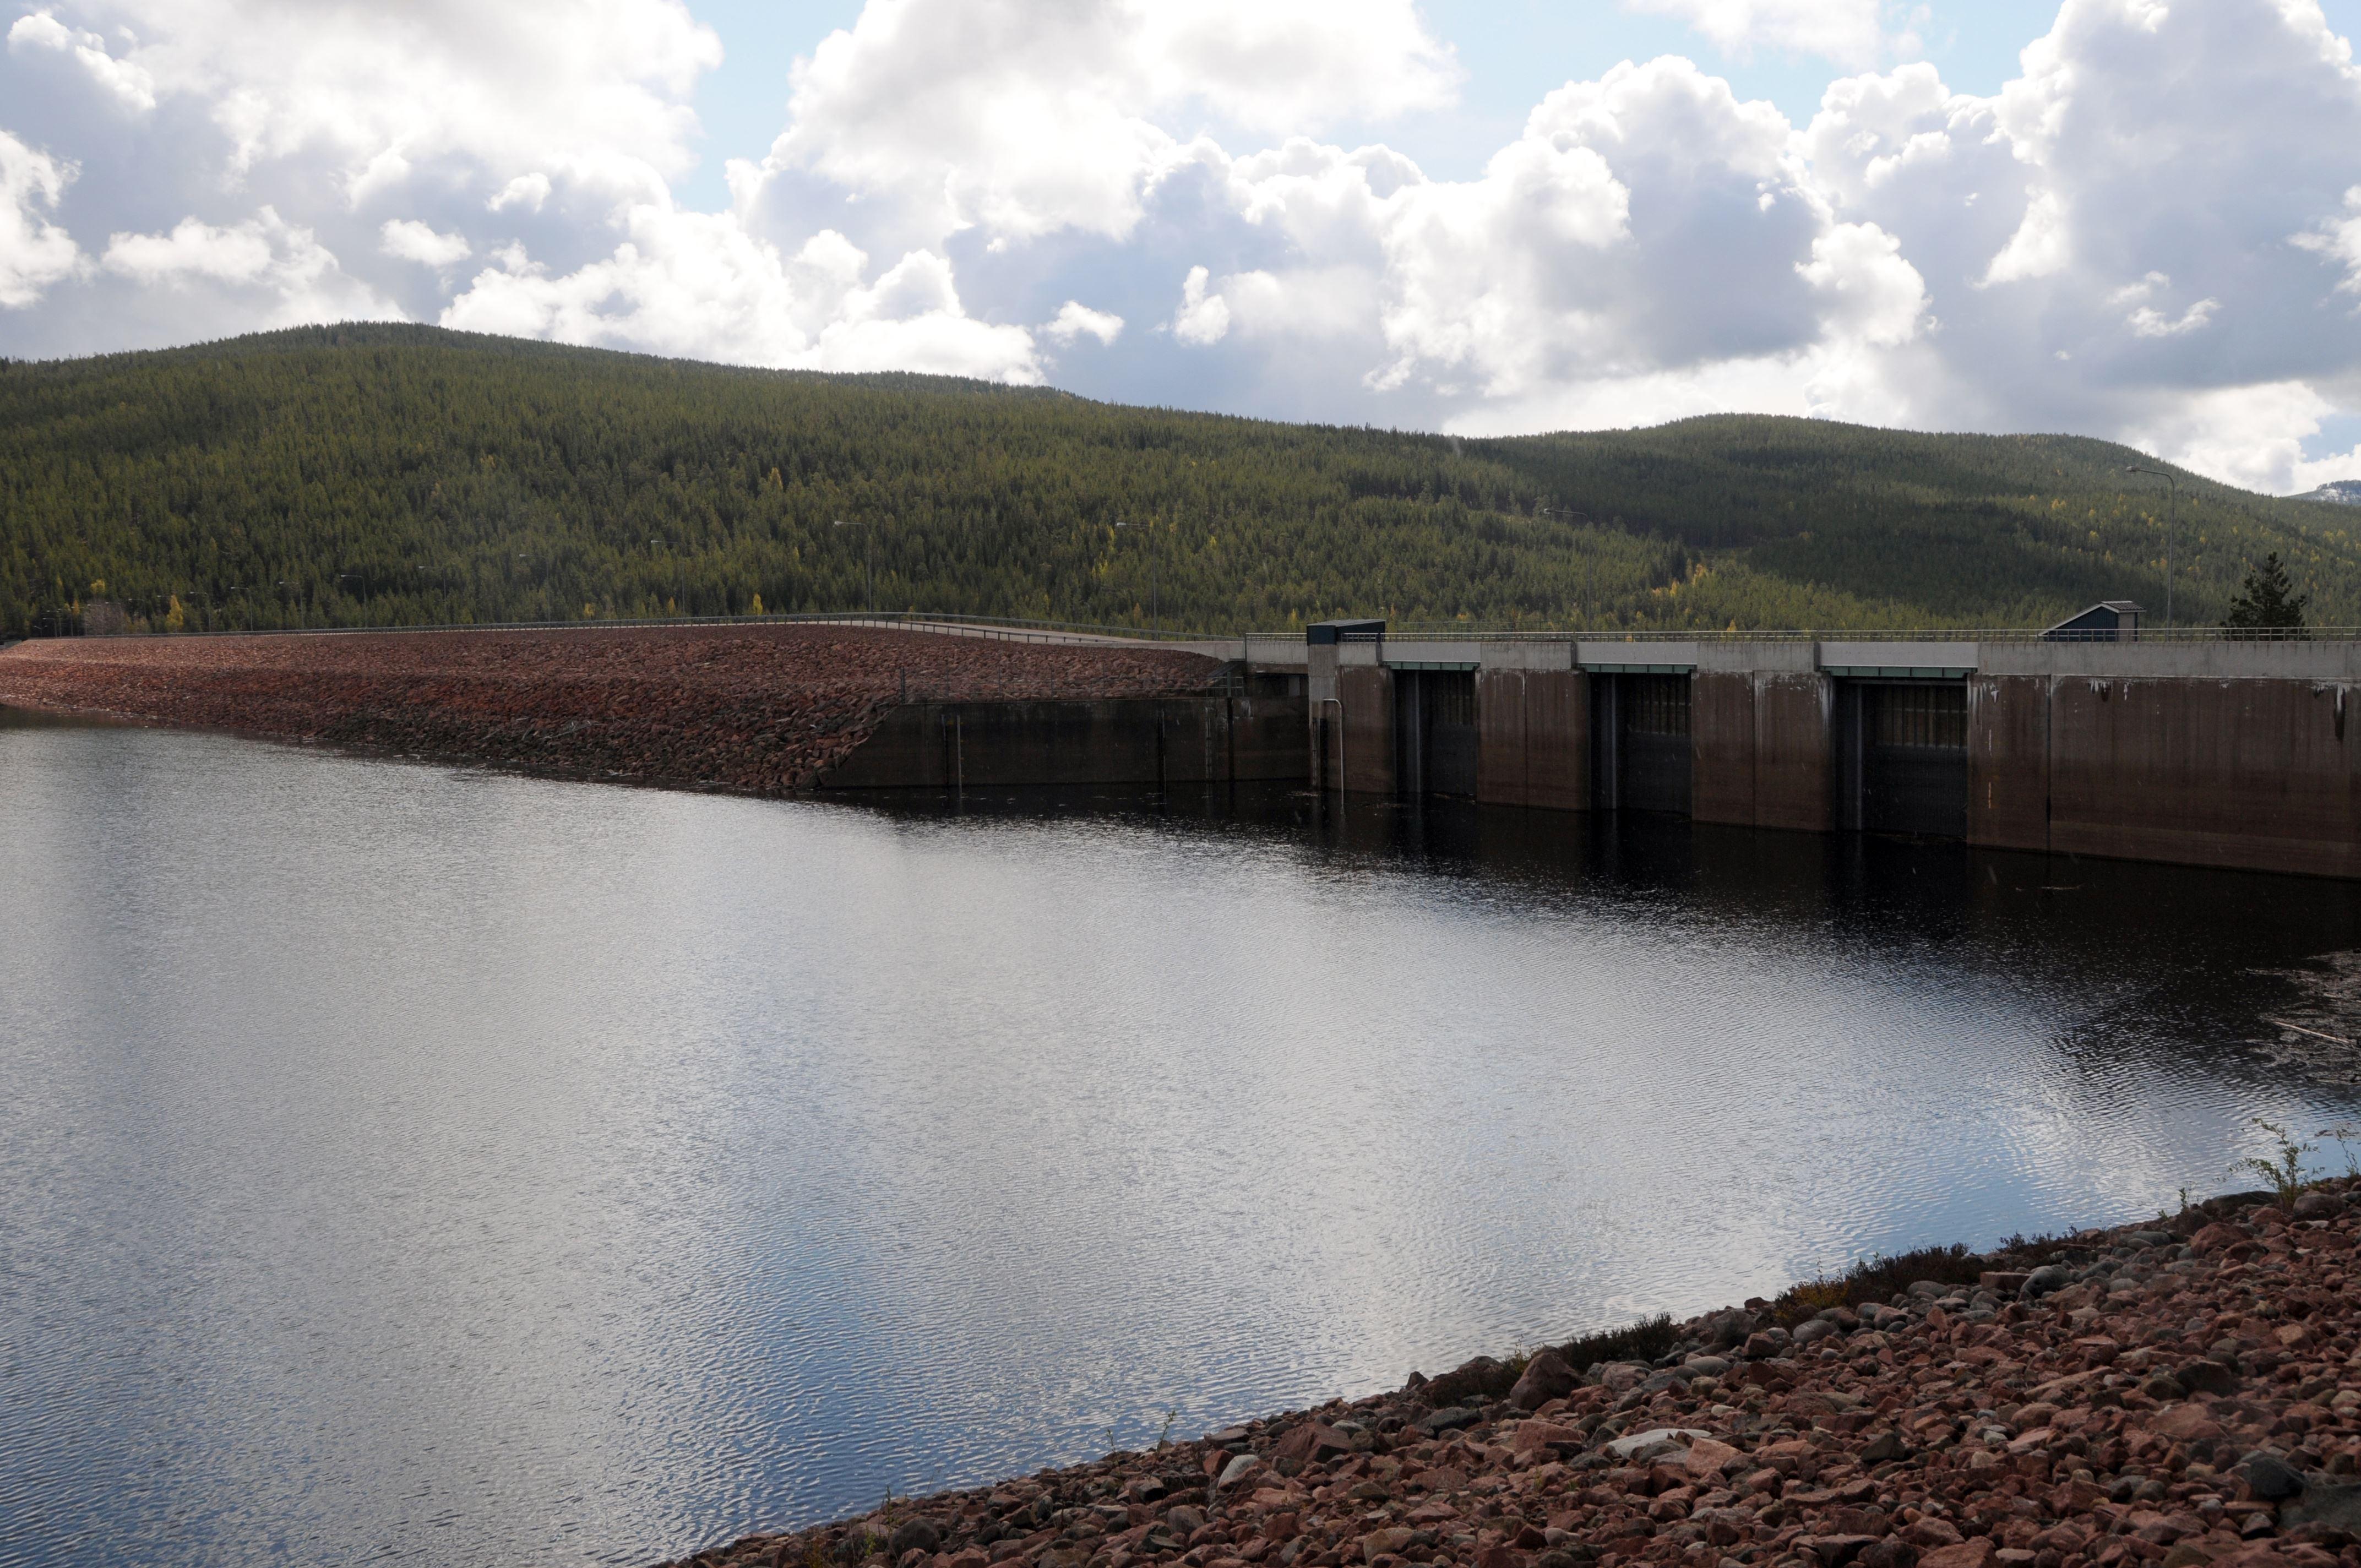 Trängslet dammen